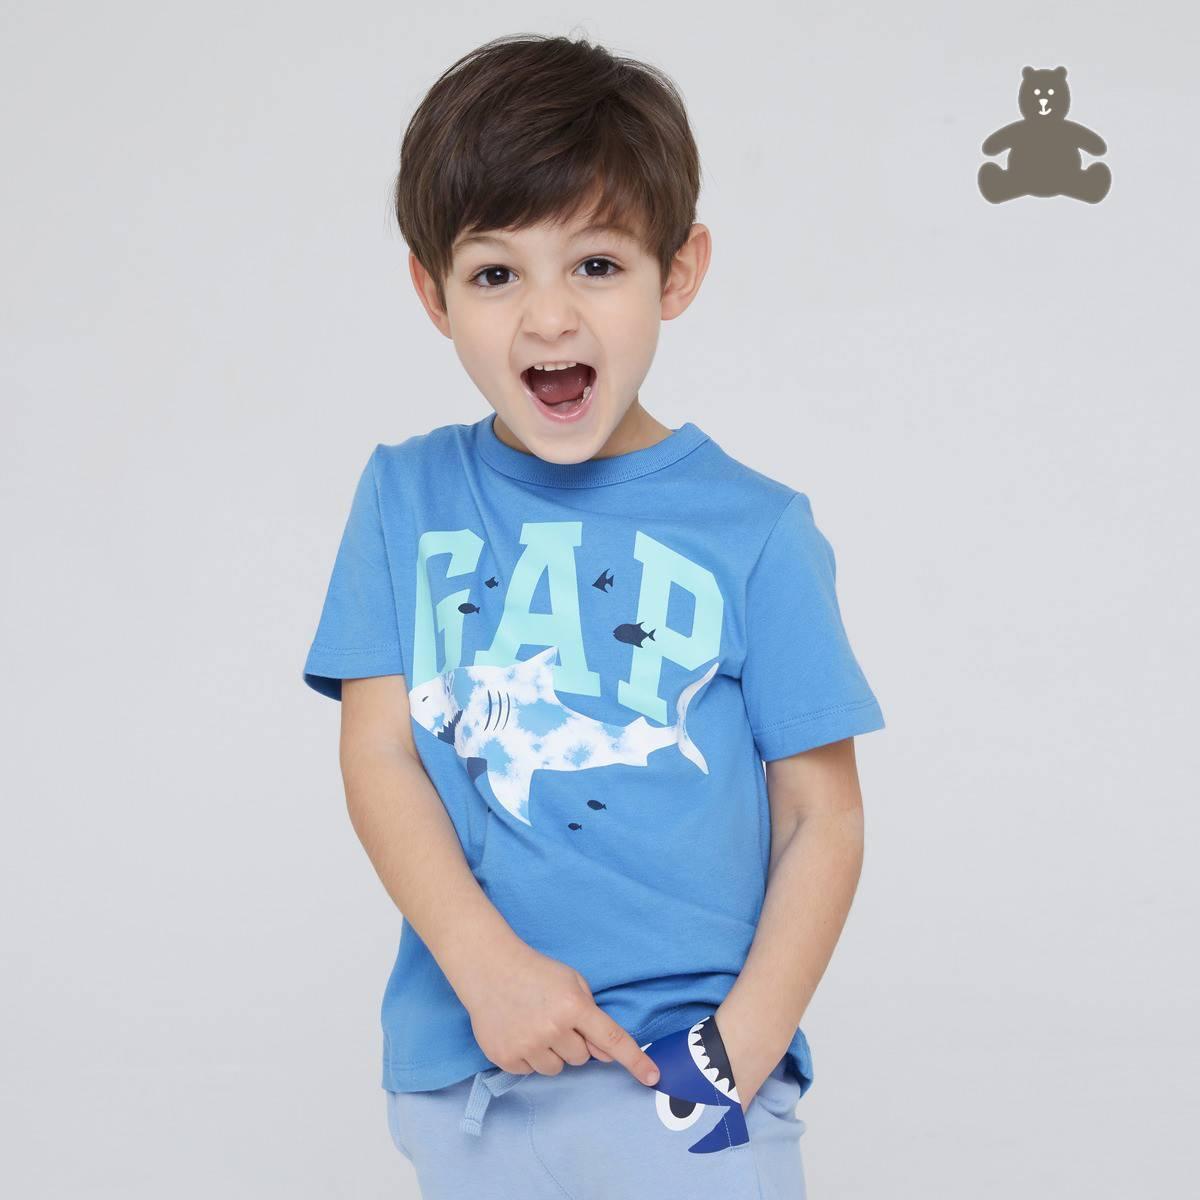 Gap 盖璞 布莱纳系列 儿童纯棉短袖T恤